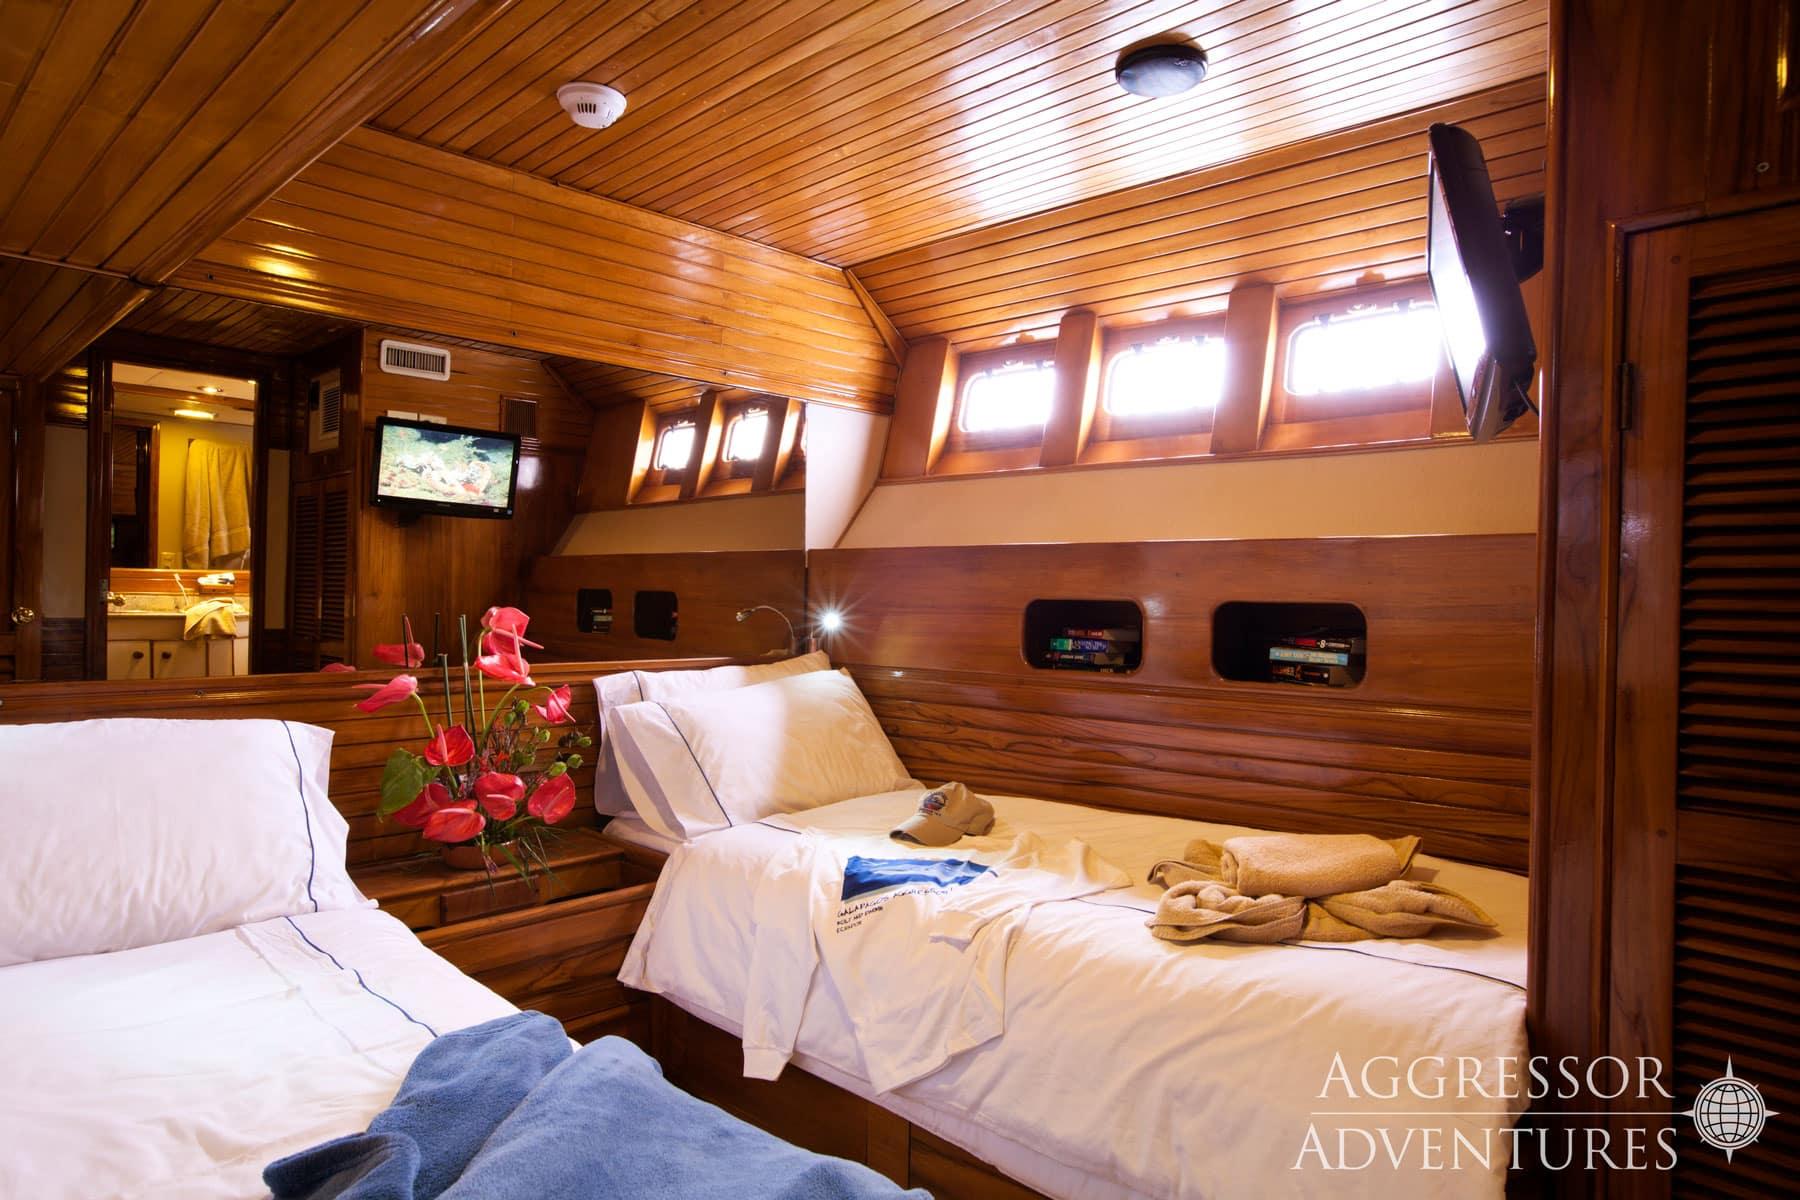 Galapagos Aggressor III bedroom